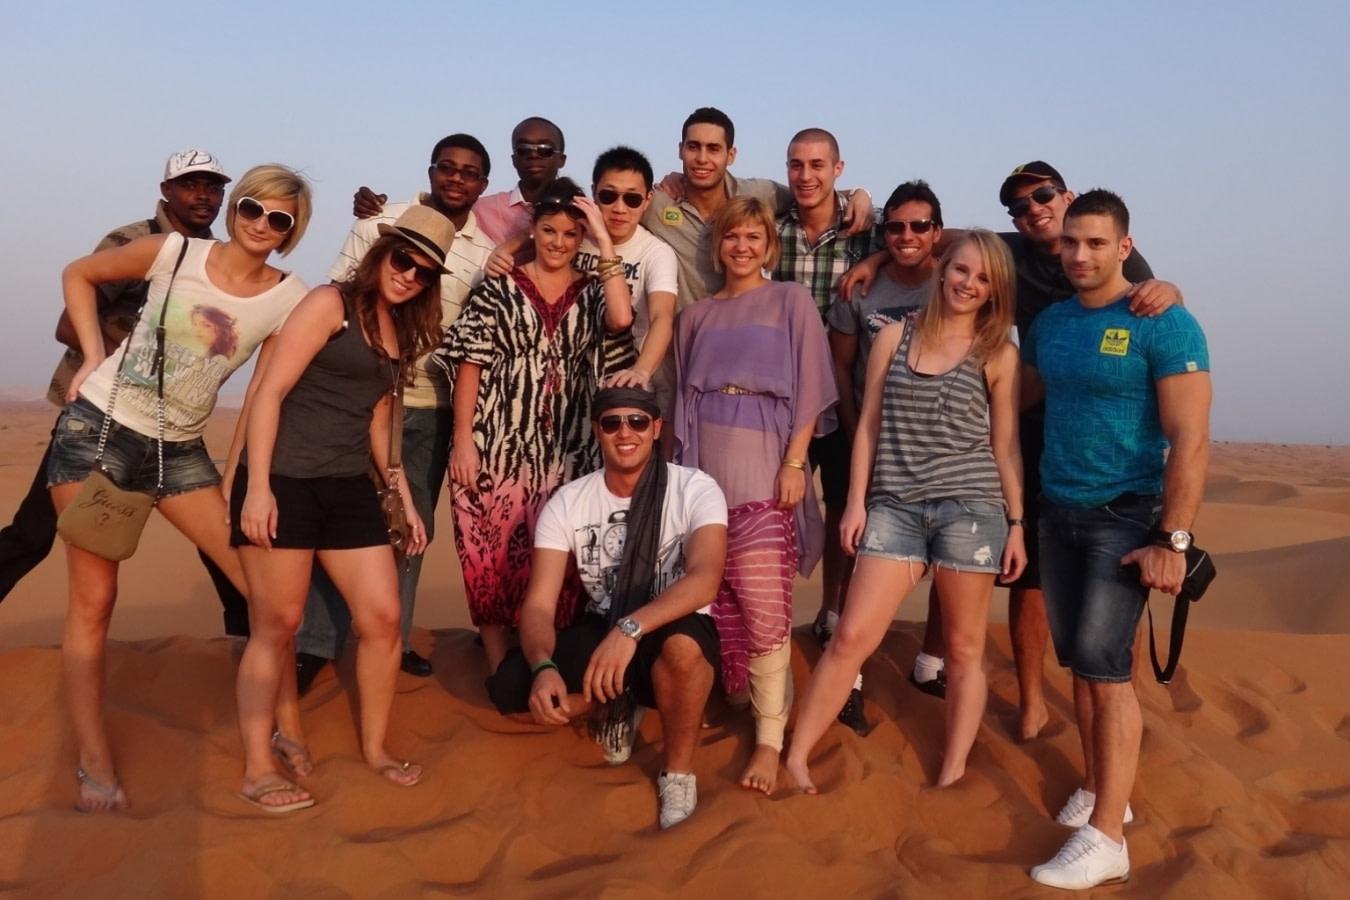 迪拜沙漠冲沙合影Desert Safari